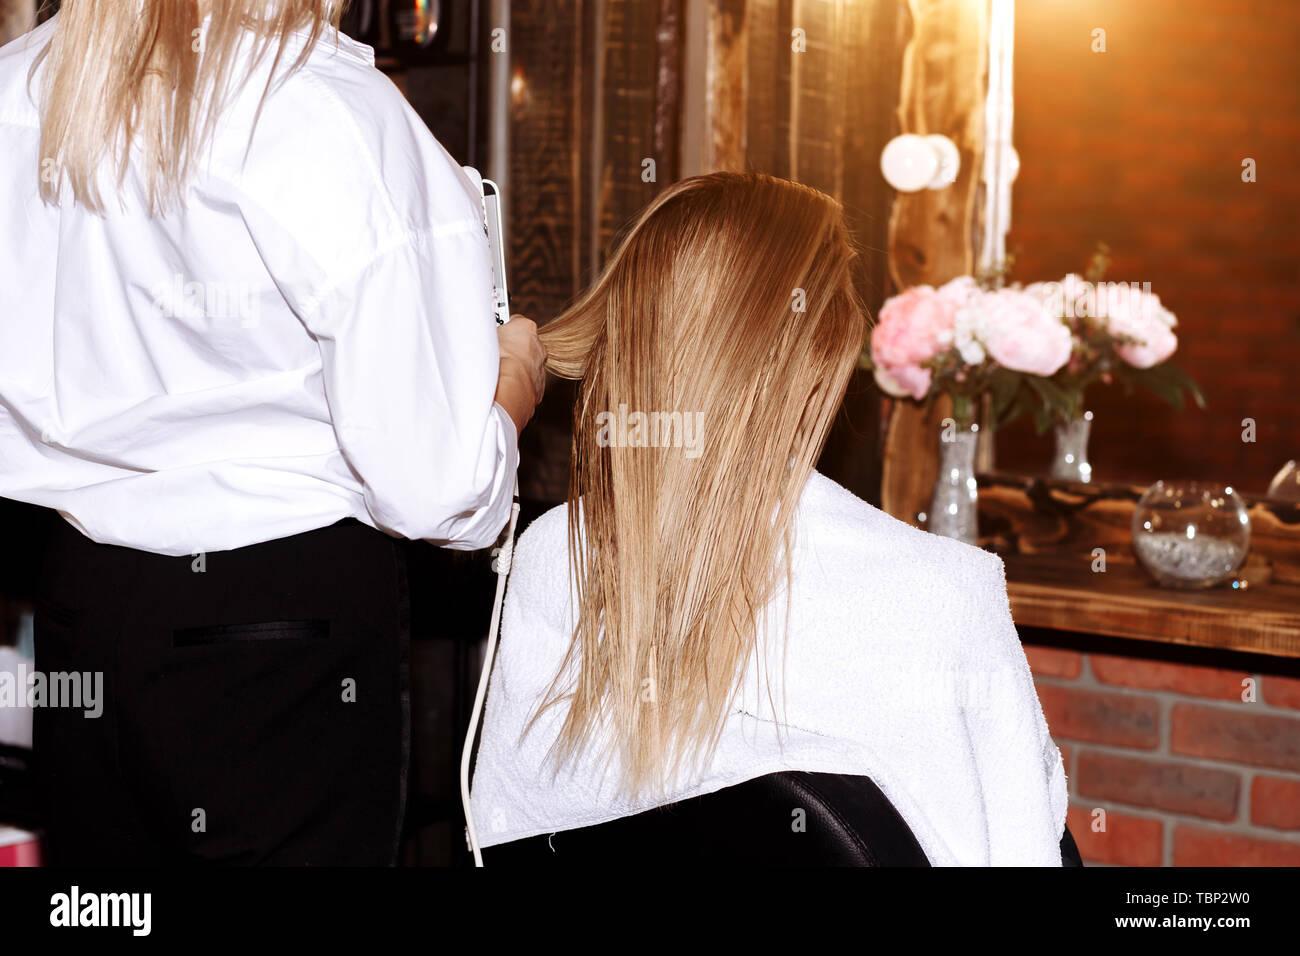 Concepto de belleza y cuidado del cabello. Alegre hermosa mujer rubia vistiendo franela blanca haciendo a su novia peinados con pelo hierro. Foto de stock